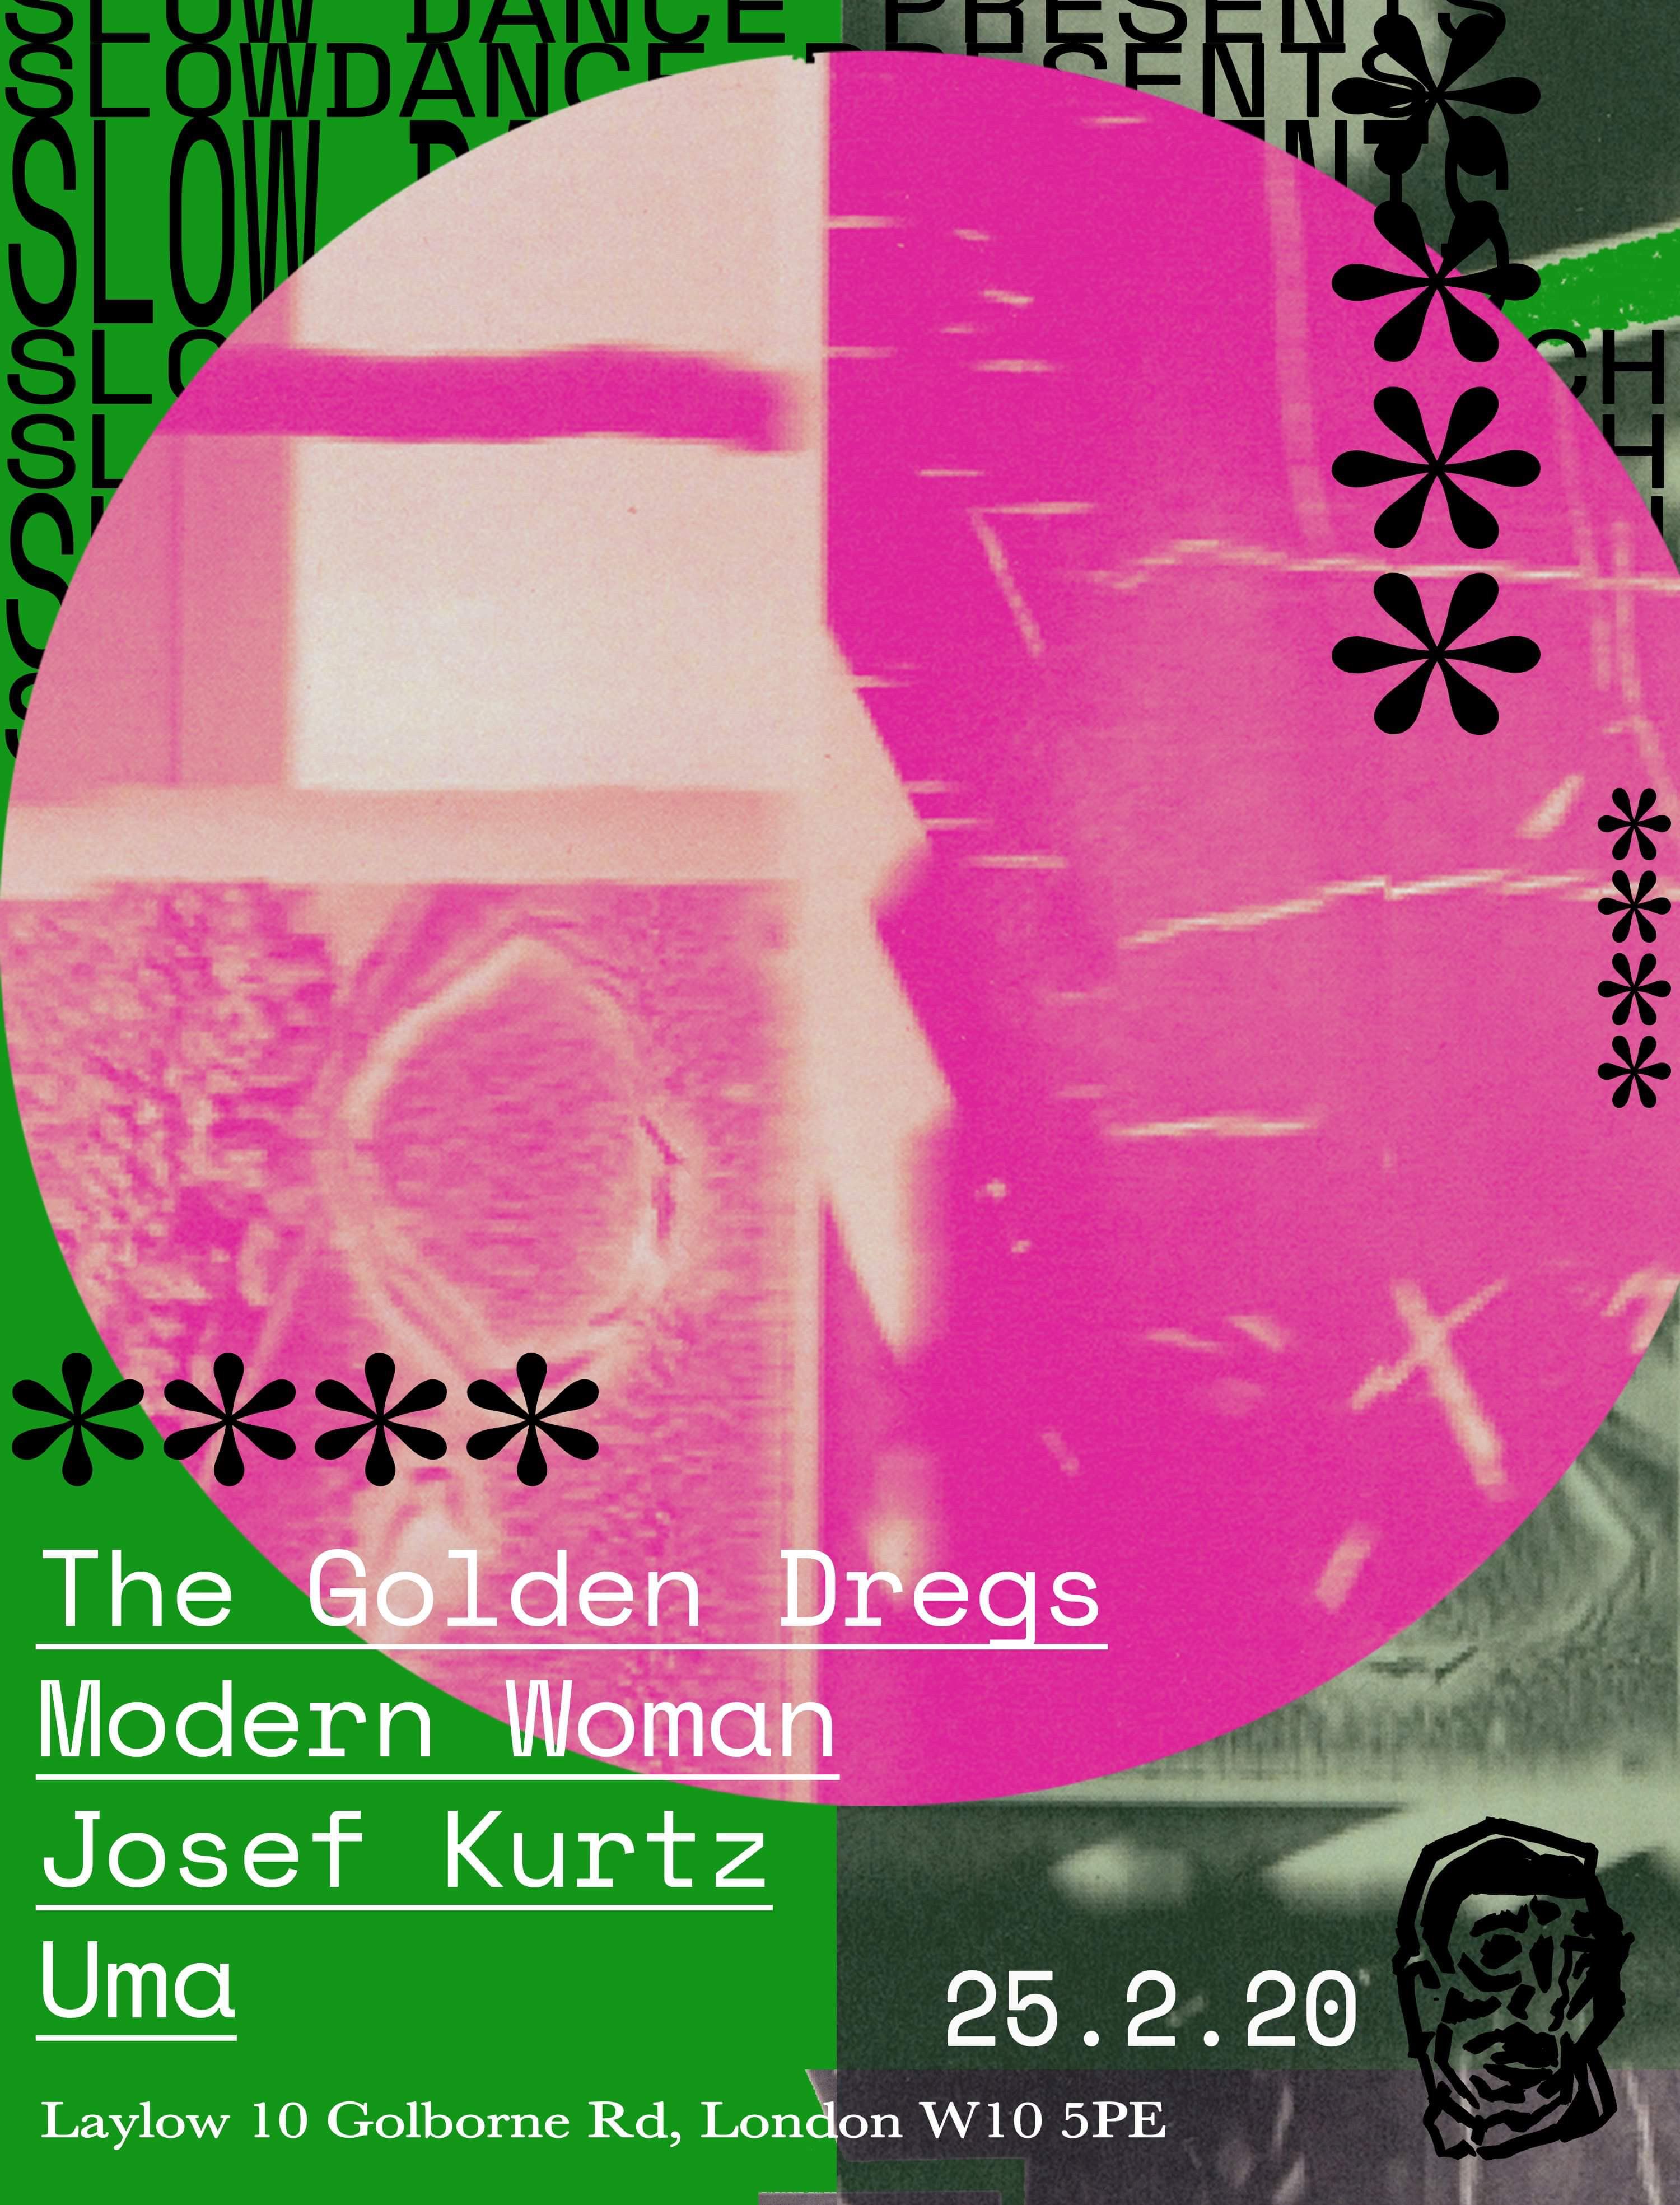 Slowdance w/ The Golden Dregs, Josef Kurtz, Modern Woman, Uma